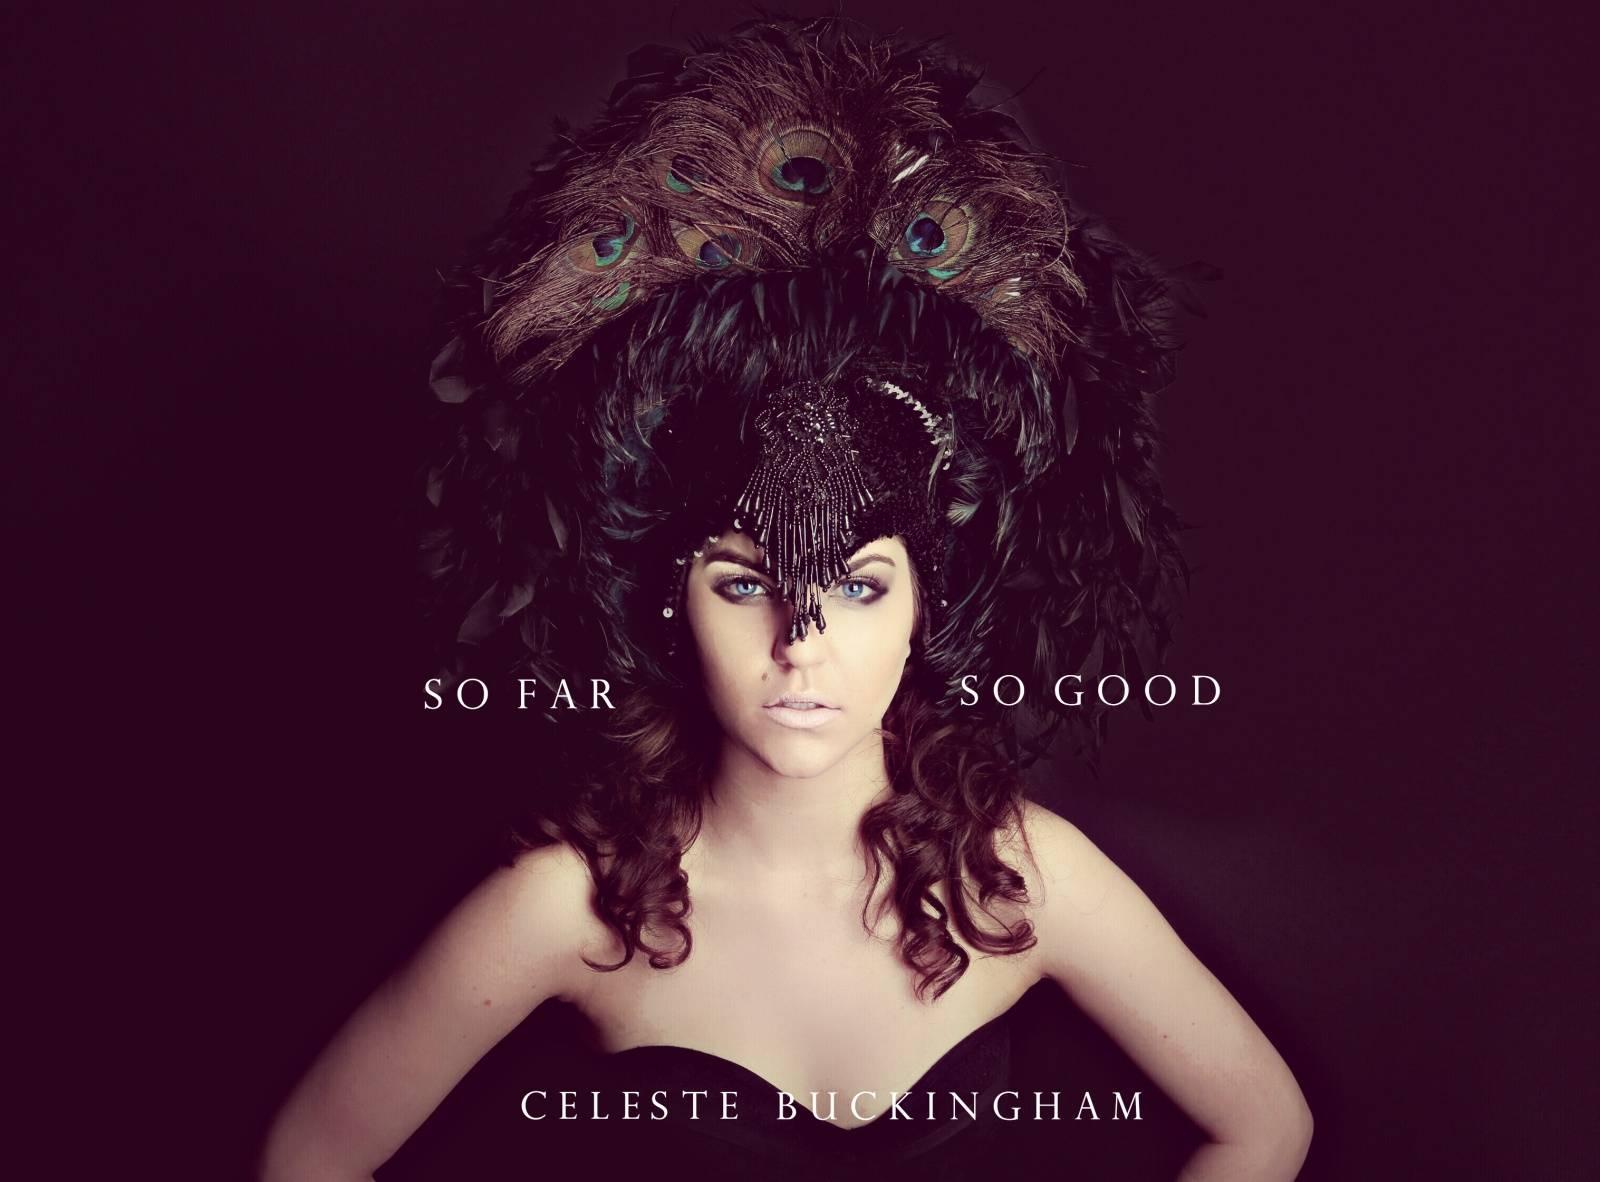 Celeste Buckingham vydává nové EP, celé album představí příští rok